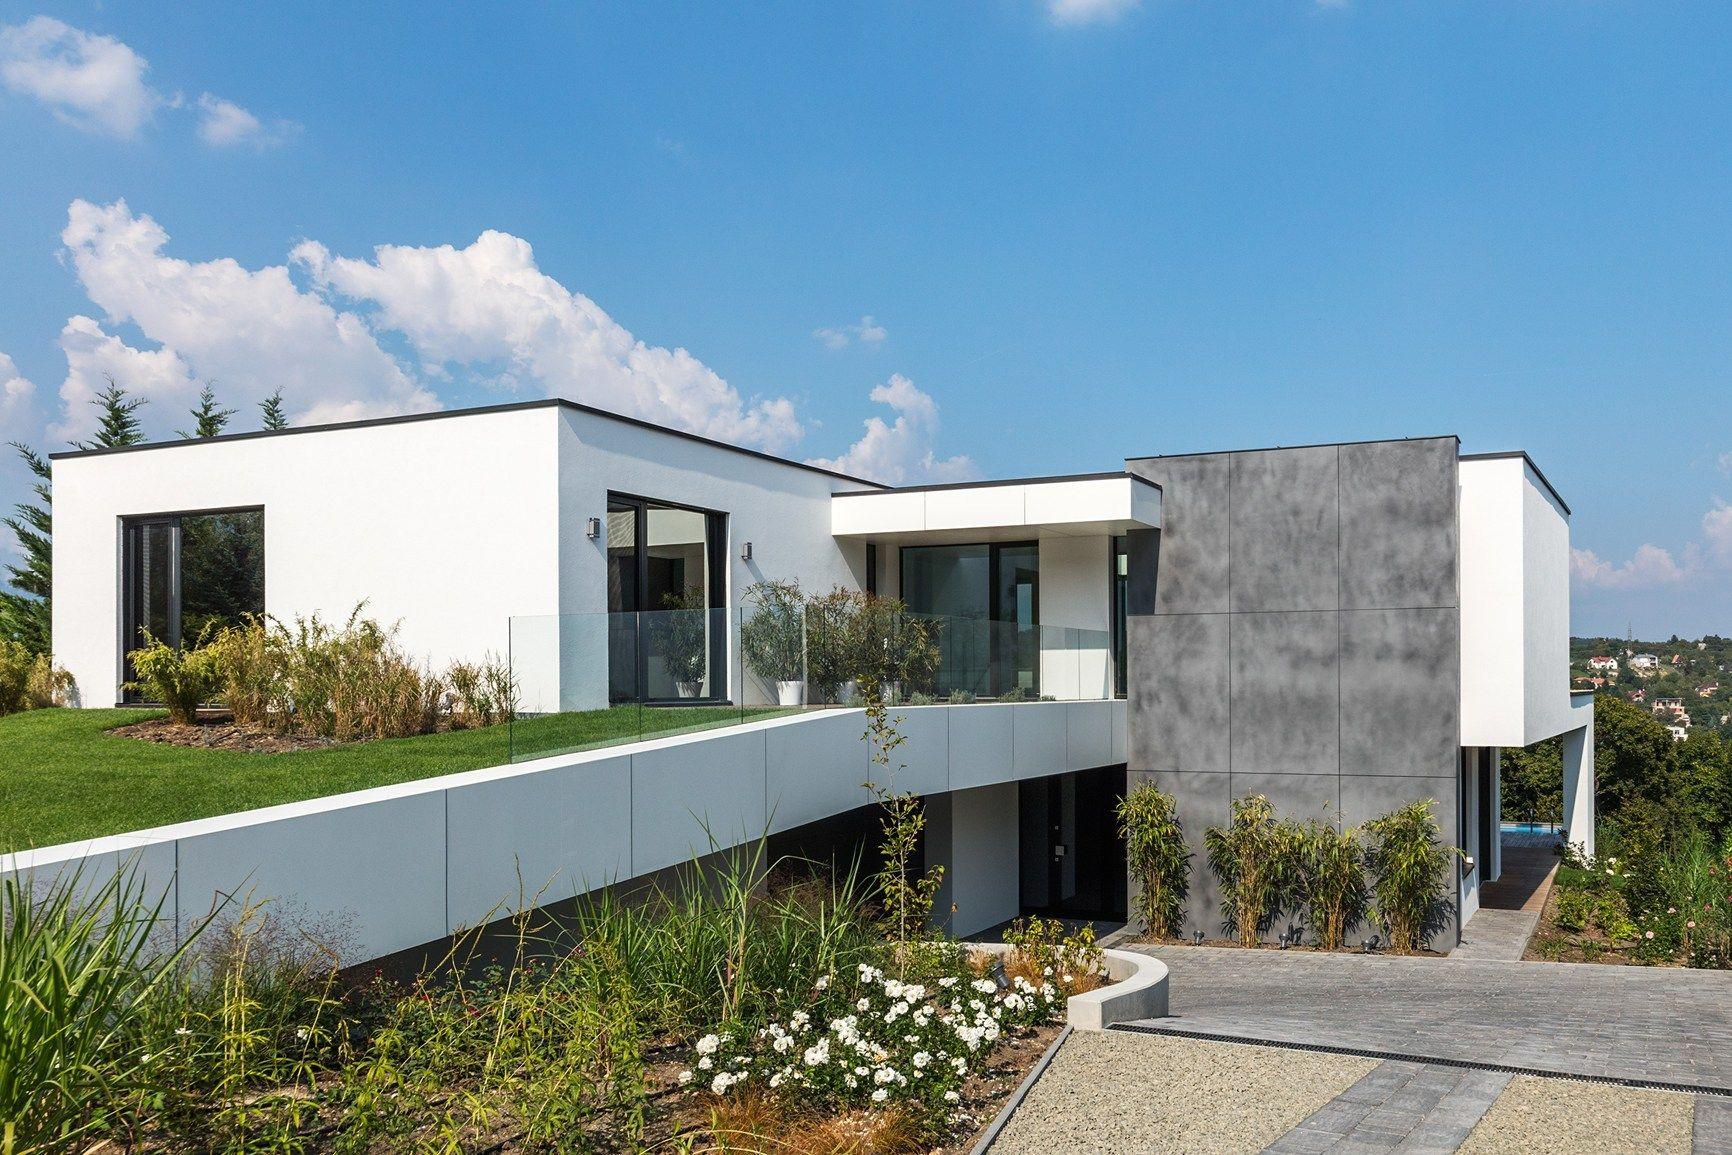 Trasparenza cemento a vista - Ingressi case moderne ...